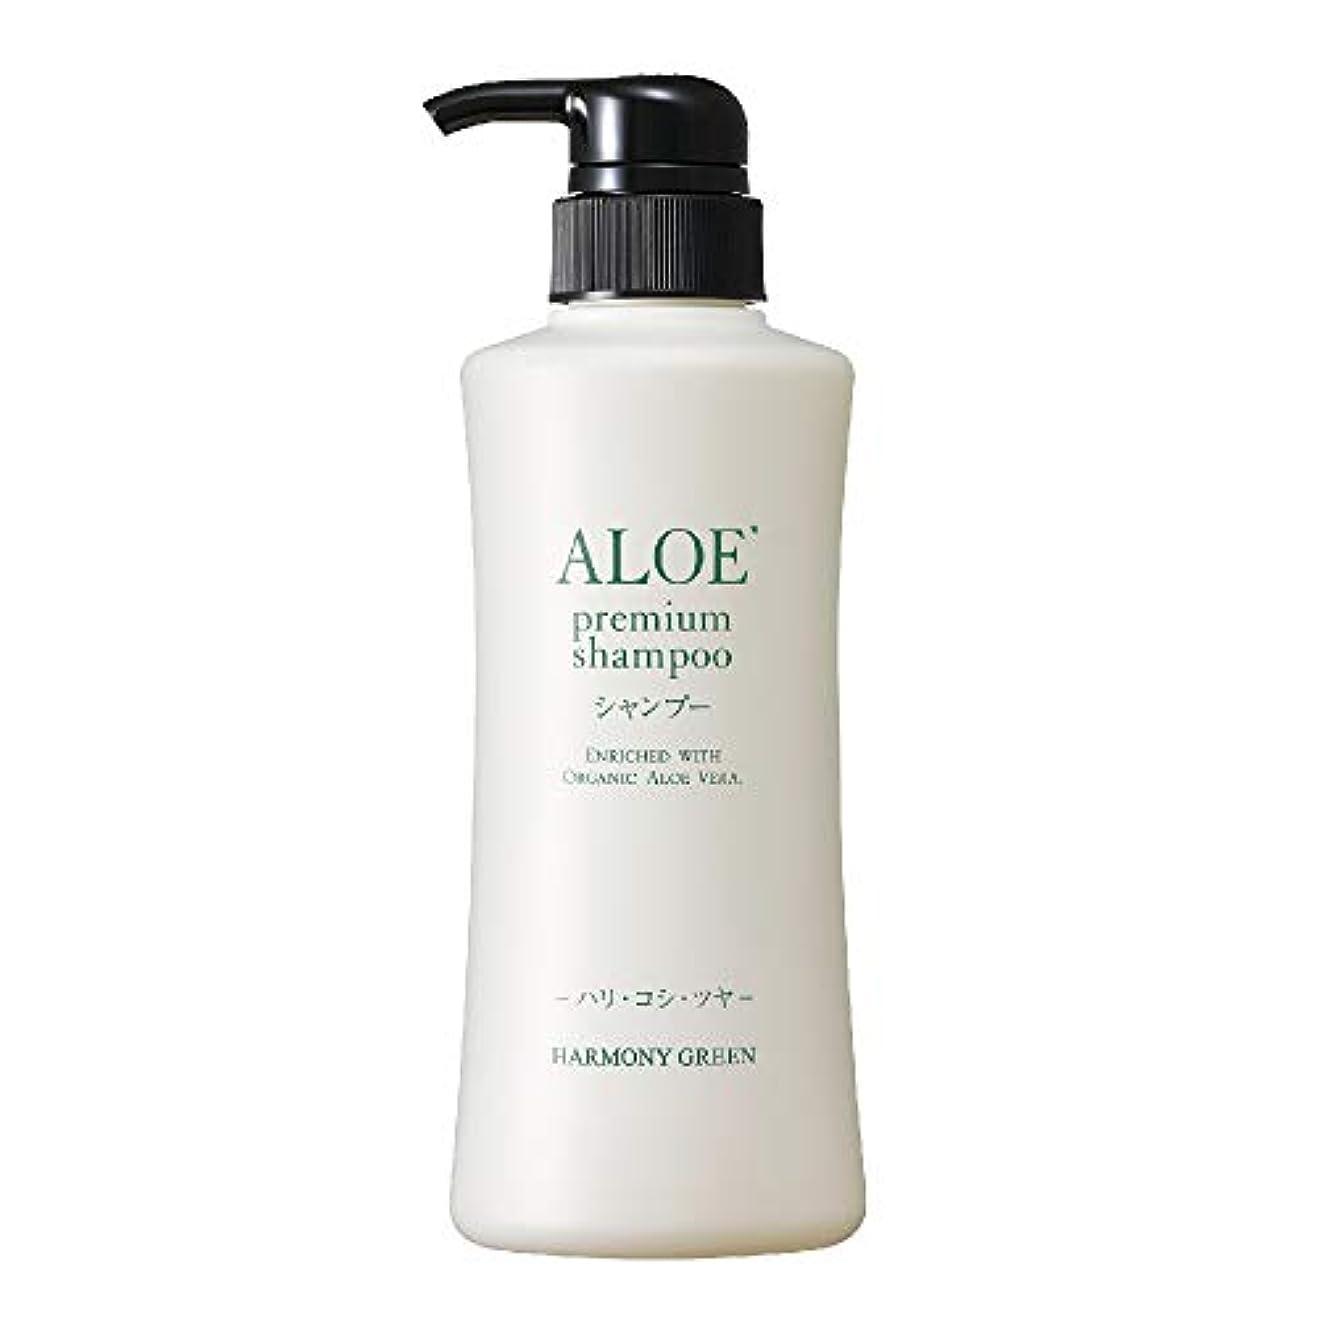 引き付けるファイバ変えるアロエプレミアム シャンプー〈頭髪用洗浄料〉